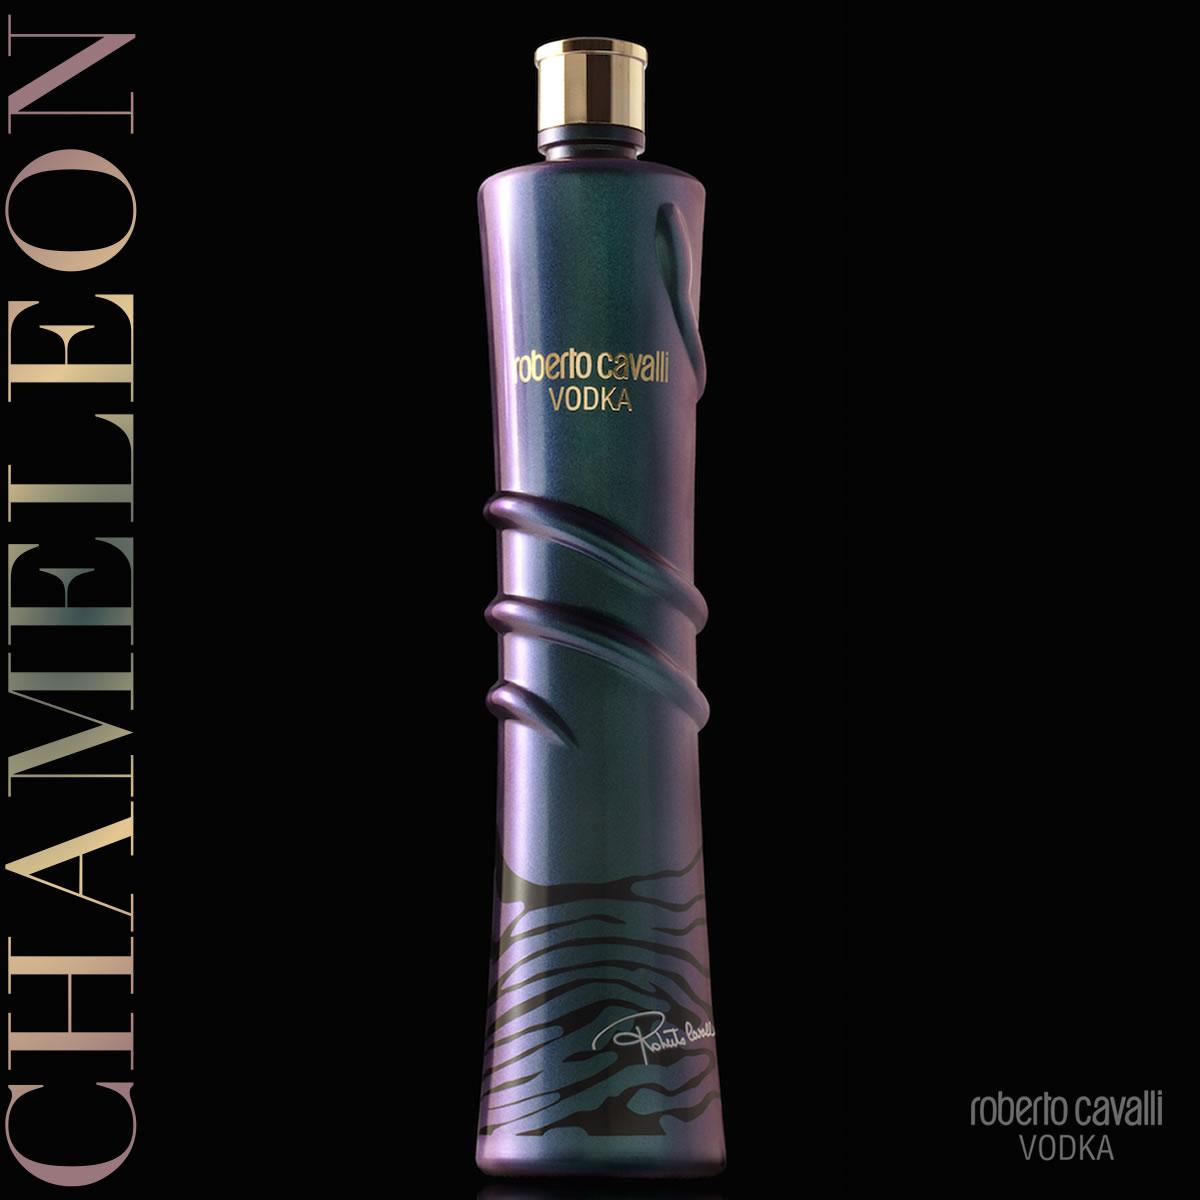 Roberto Cavalli Vodka Chameleon